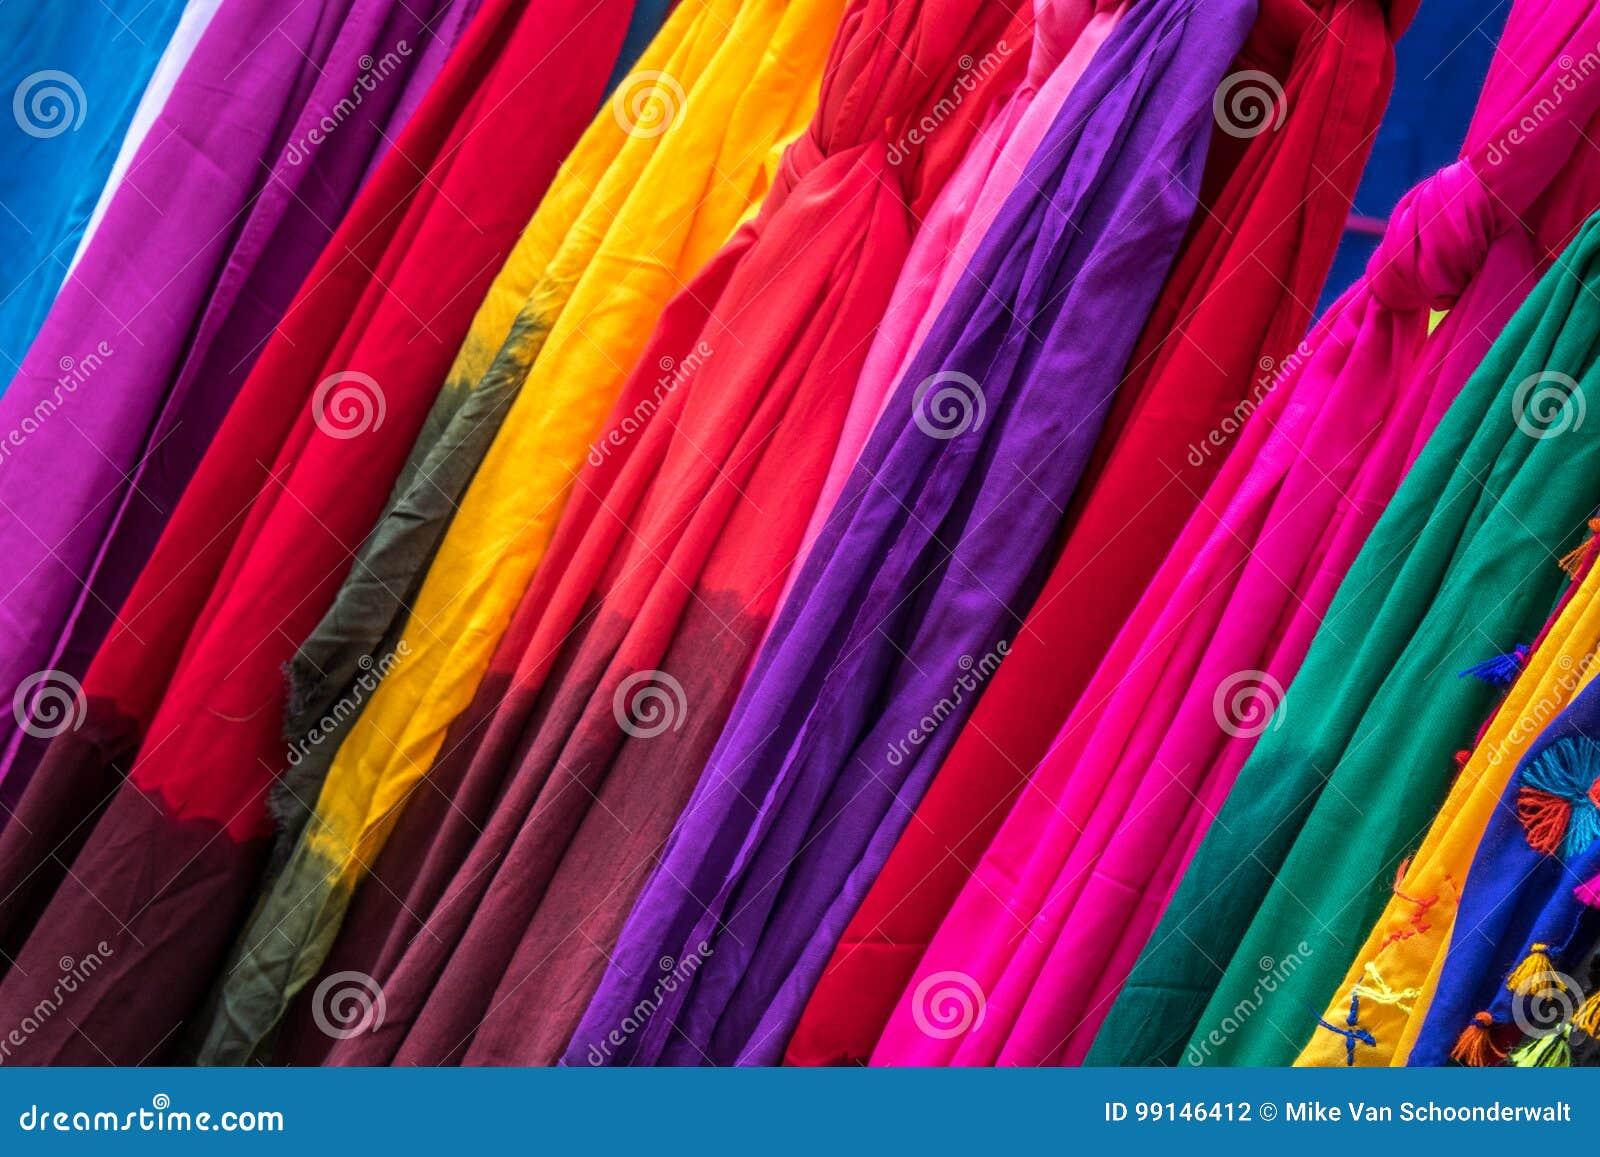 Farbiges Gewebe